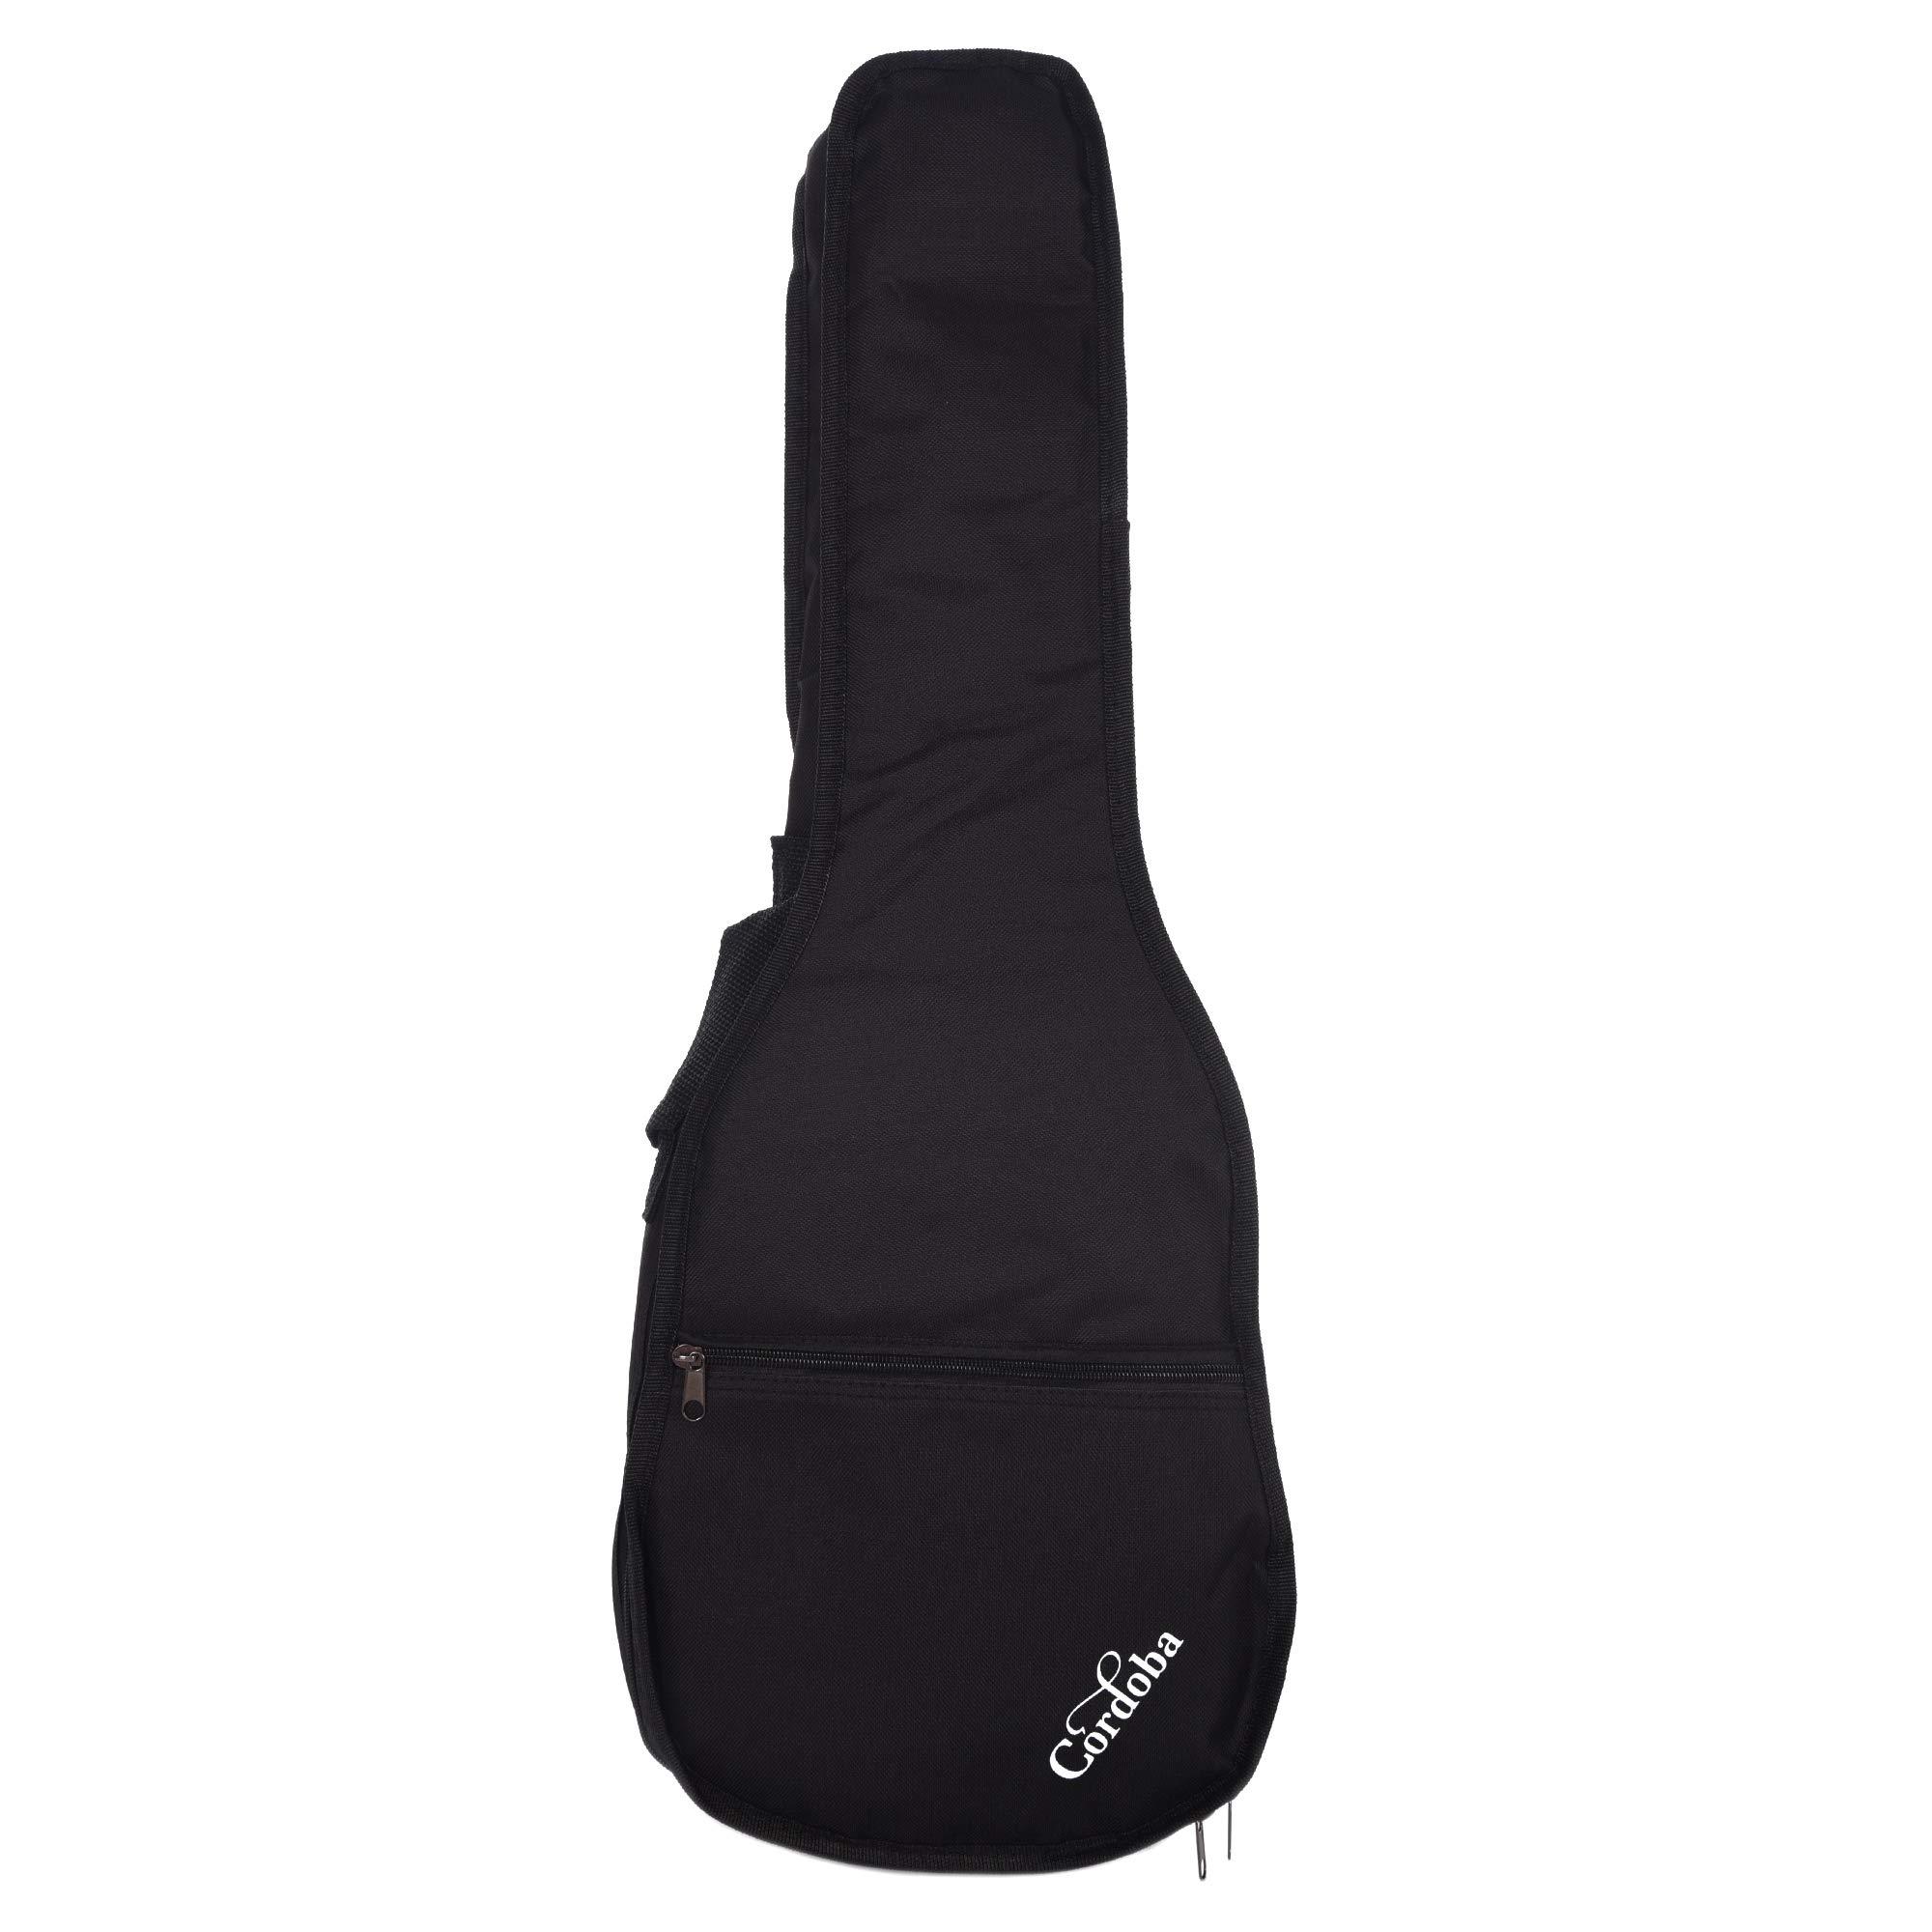 Cordoba 1/2 Size Standard Gig Bag (580mm scale) by Cordoba